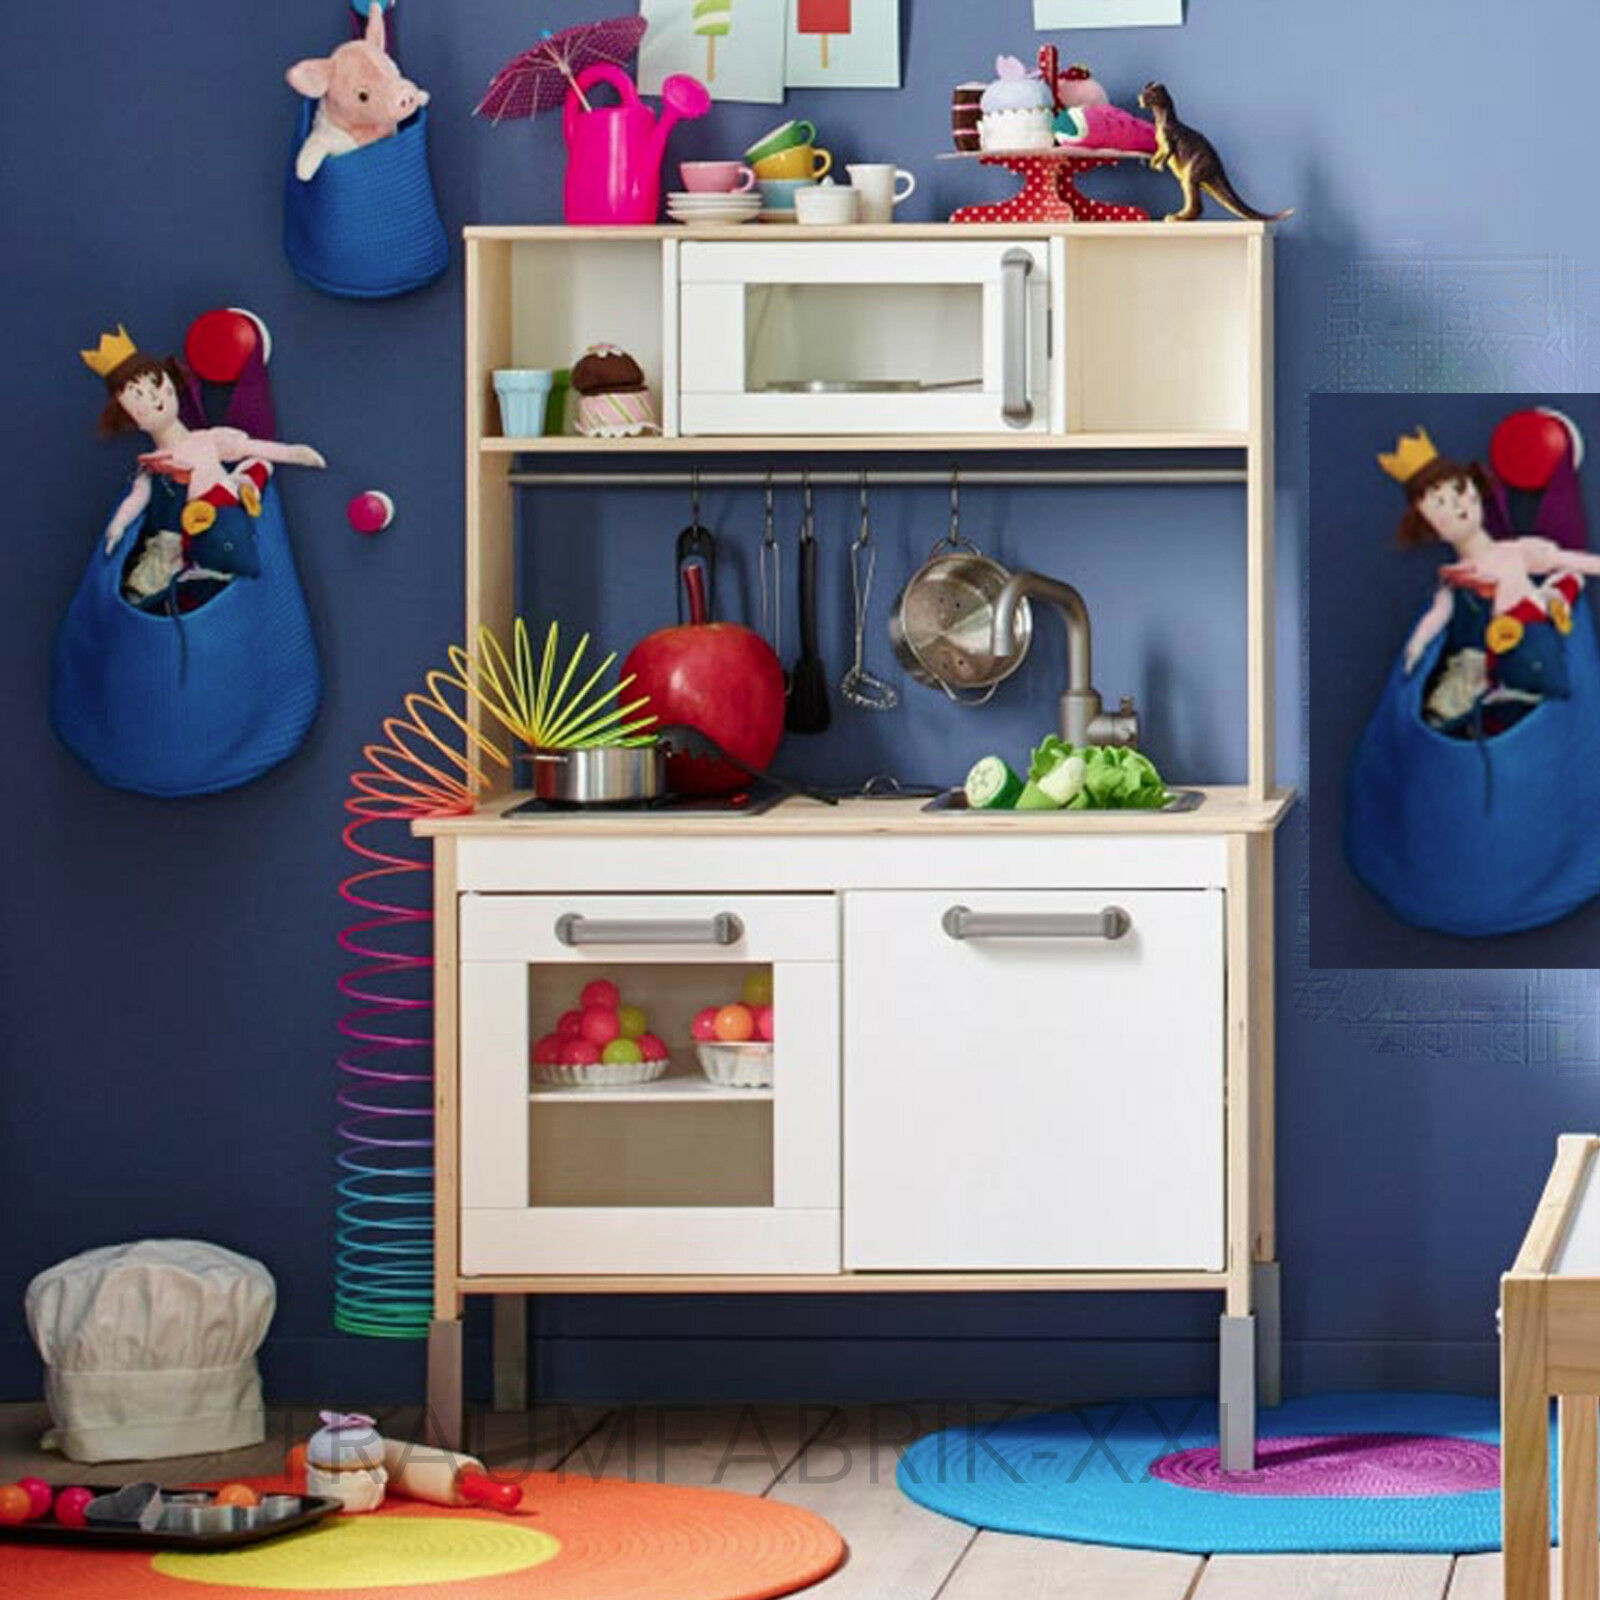 IKEA DUKTIG Cocinita Cocina de Juego Niños juguete mini